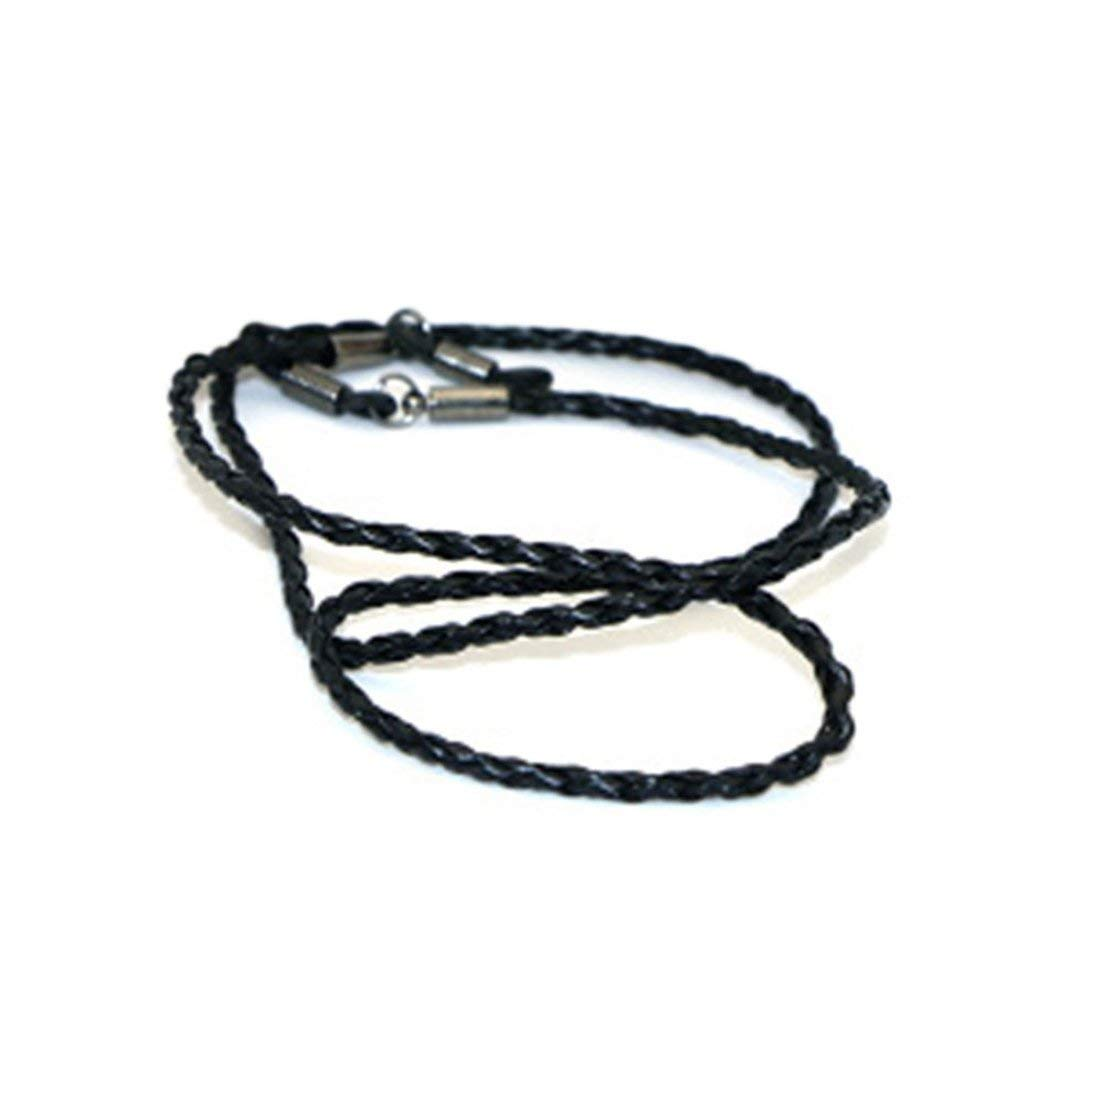 LouiseEvel215 Cuerda de cuerda de Cuero de Moda Gafas de extremo Ajustable Correa para EL Cuello Exquisito Cord/ón para gafas Accesorios para gafas universales